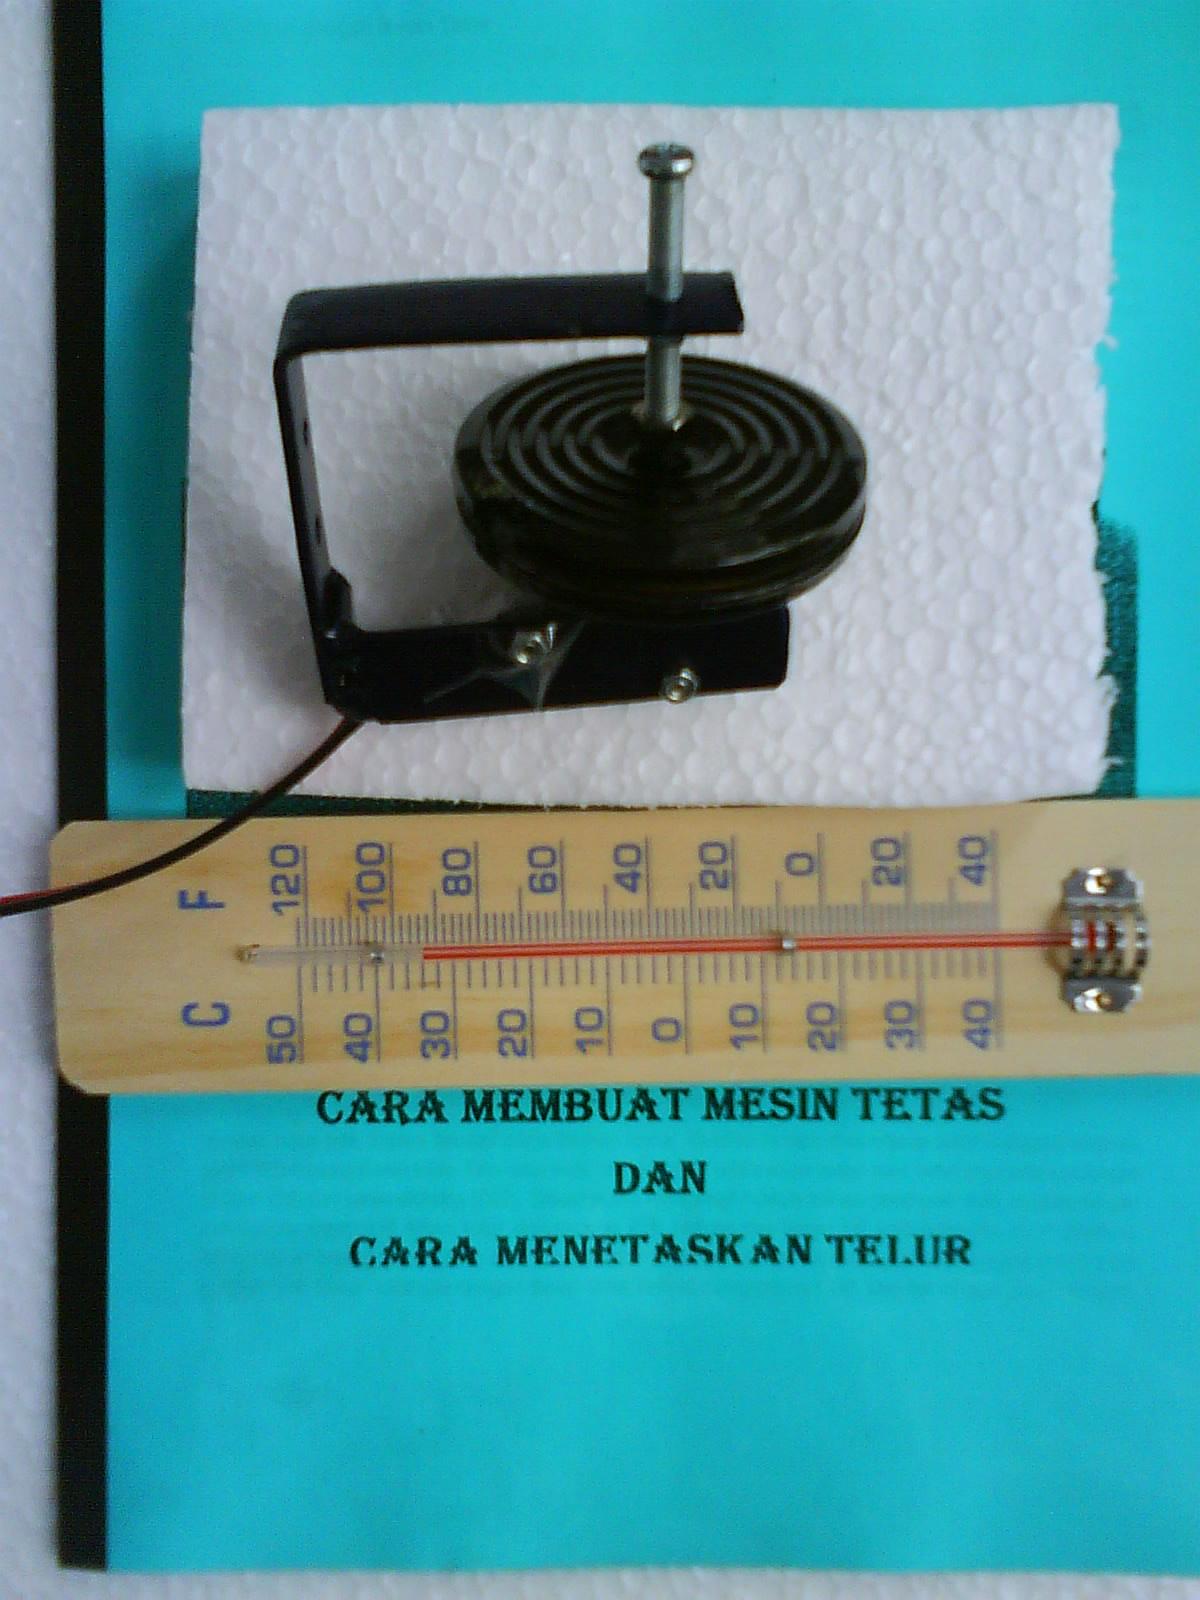 INFO HARGA TELUR UNGGAS INDONESIA: Mesin Tetas CUF - 60 ...